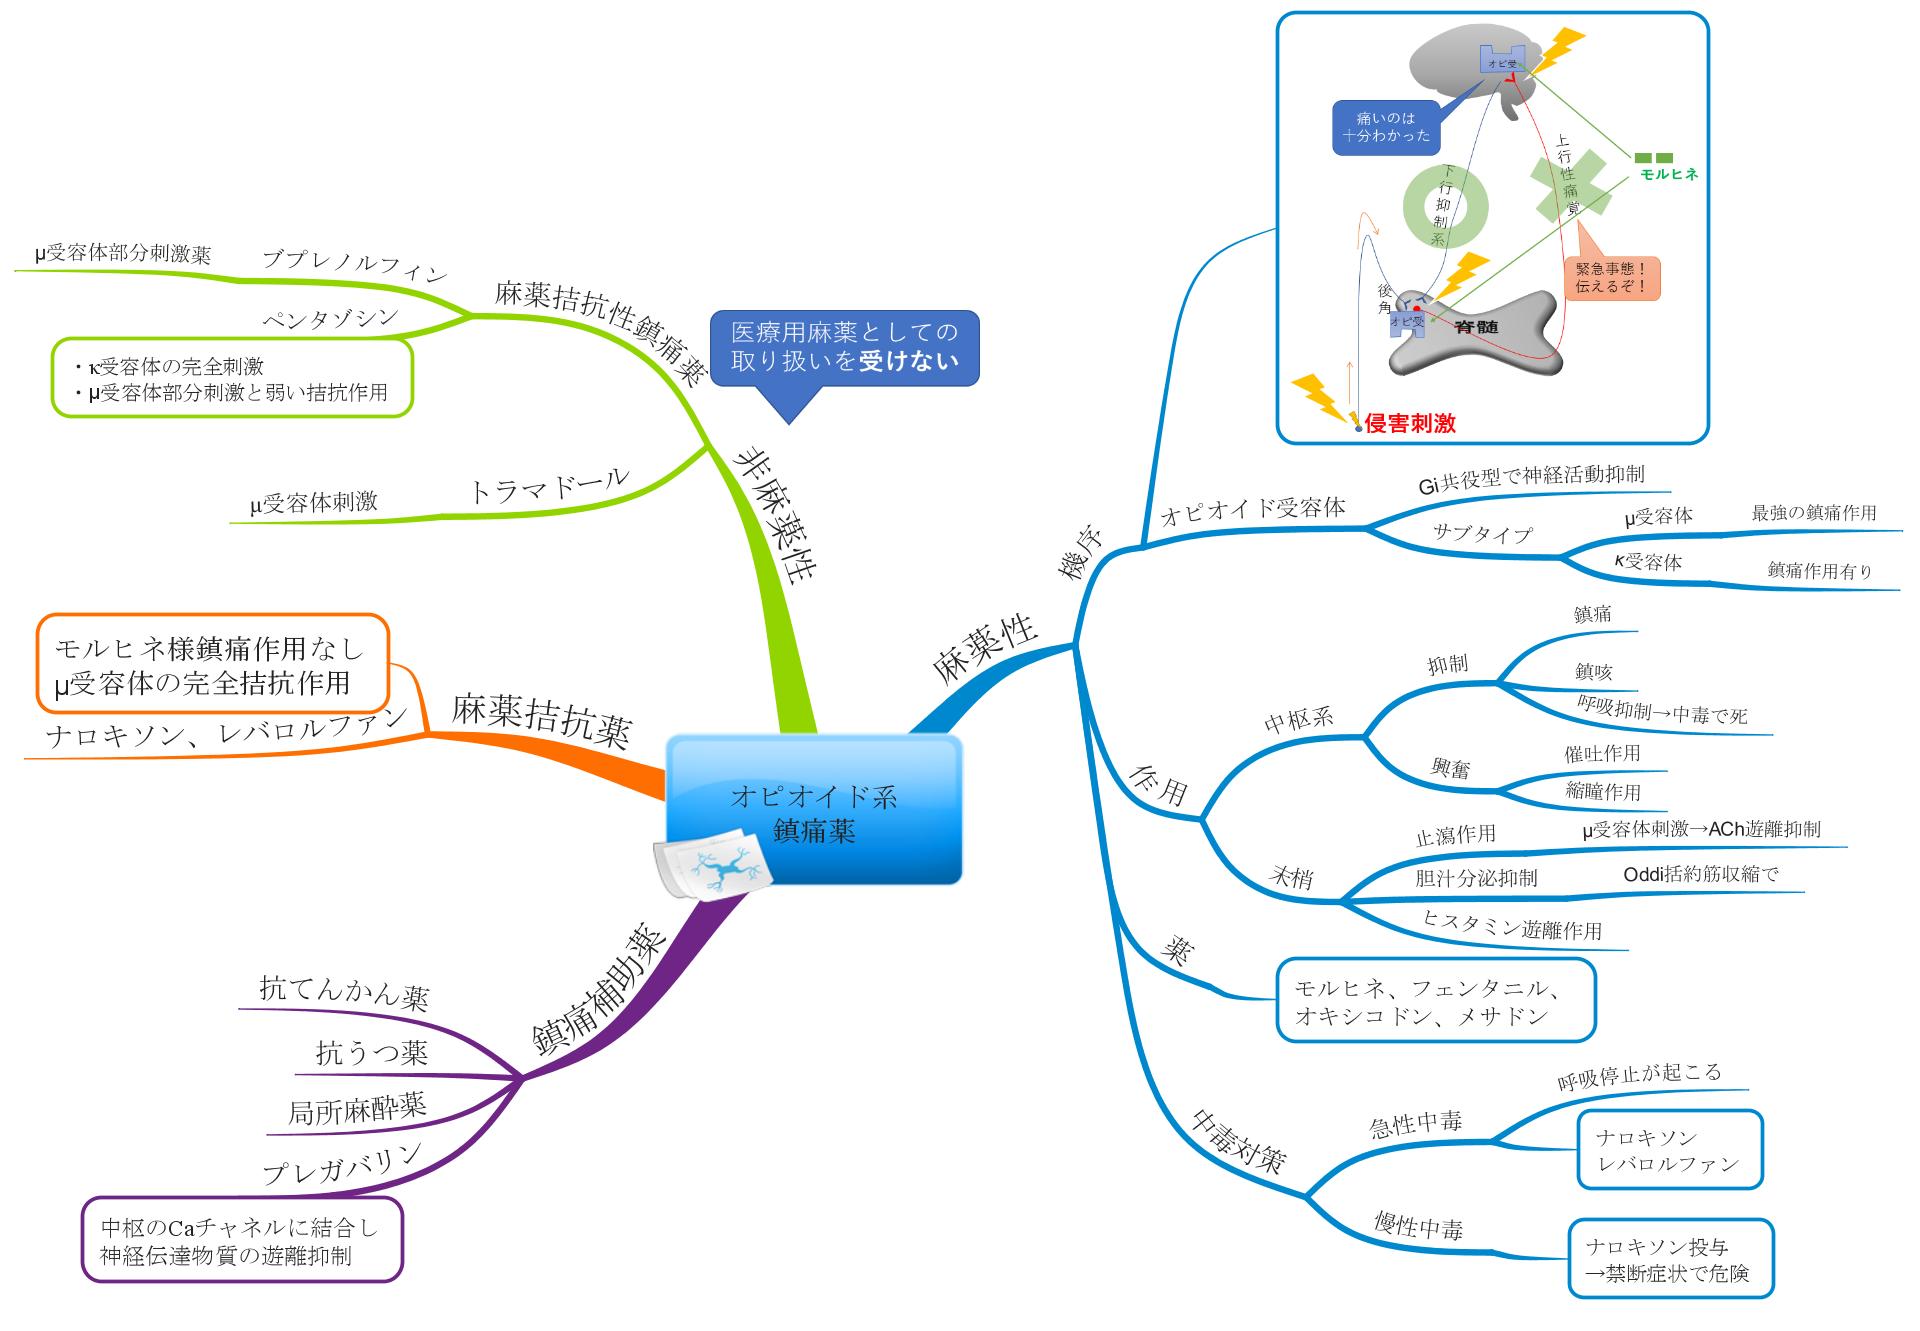 中枢系鎮痛薬のマインドマップ